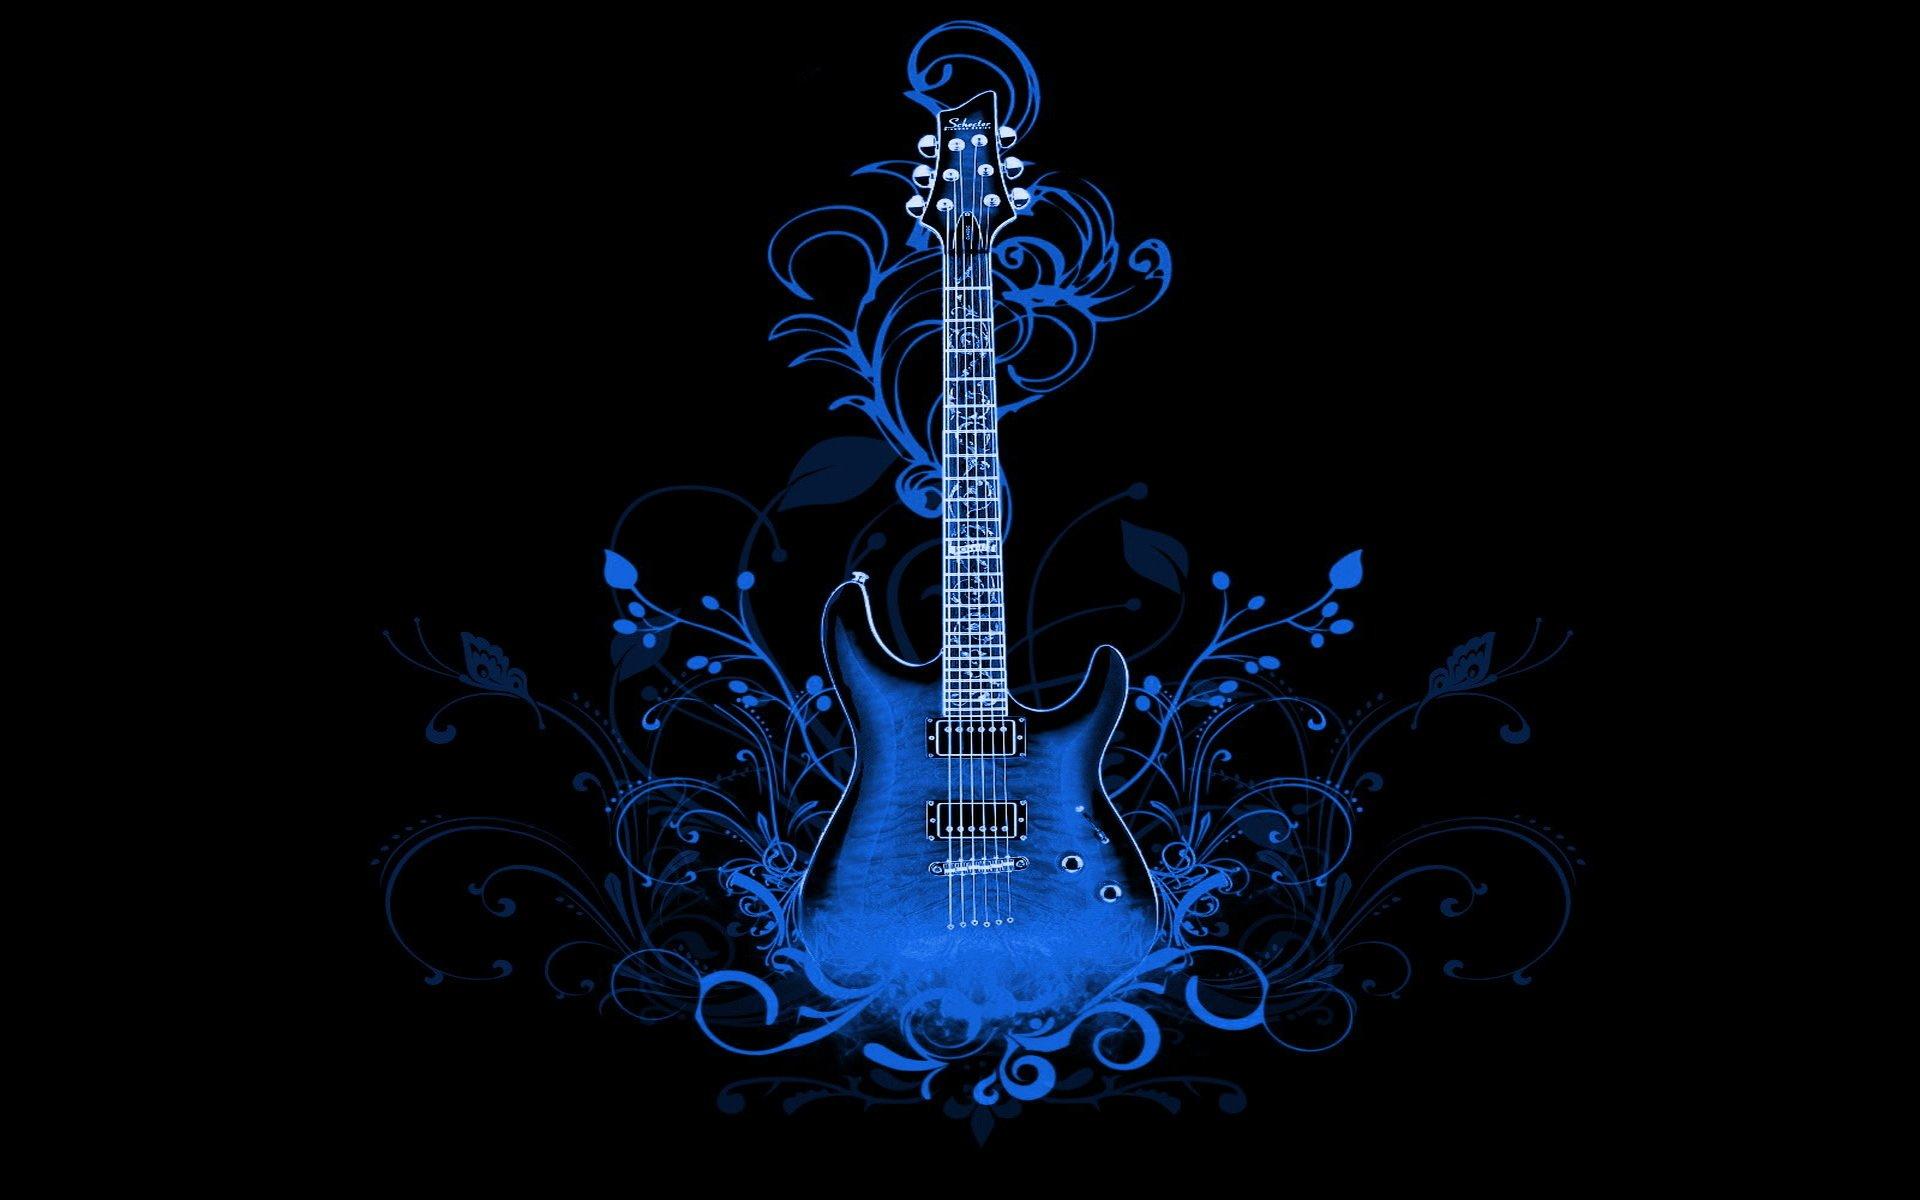 3d Musics Guitar Backgrounds: Guitar HD Wallpaper